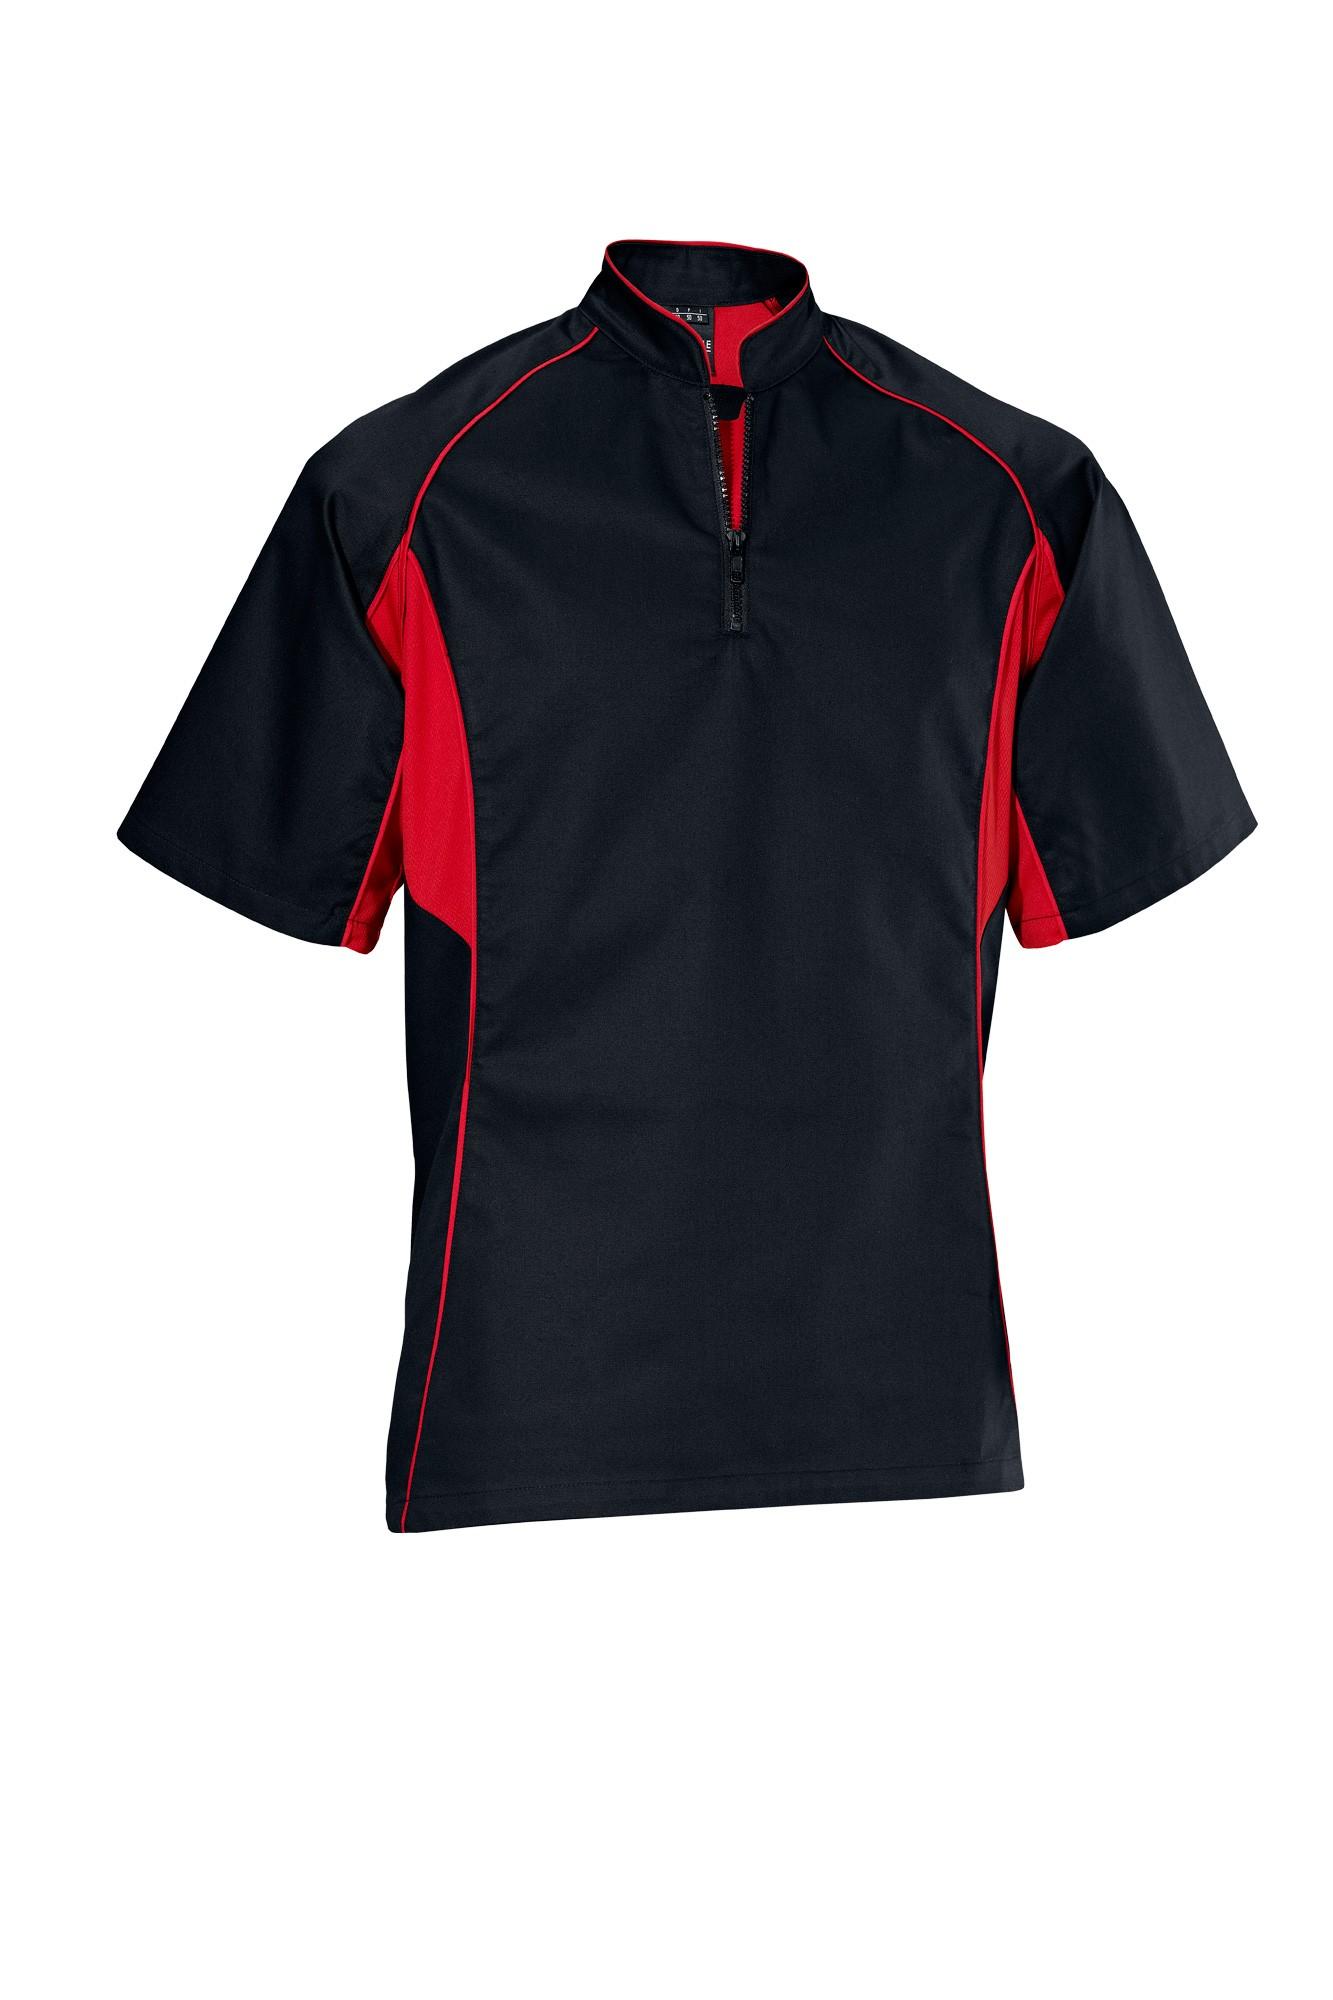 Rondon Joker - krátký rukáv - černá/červená